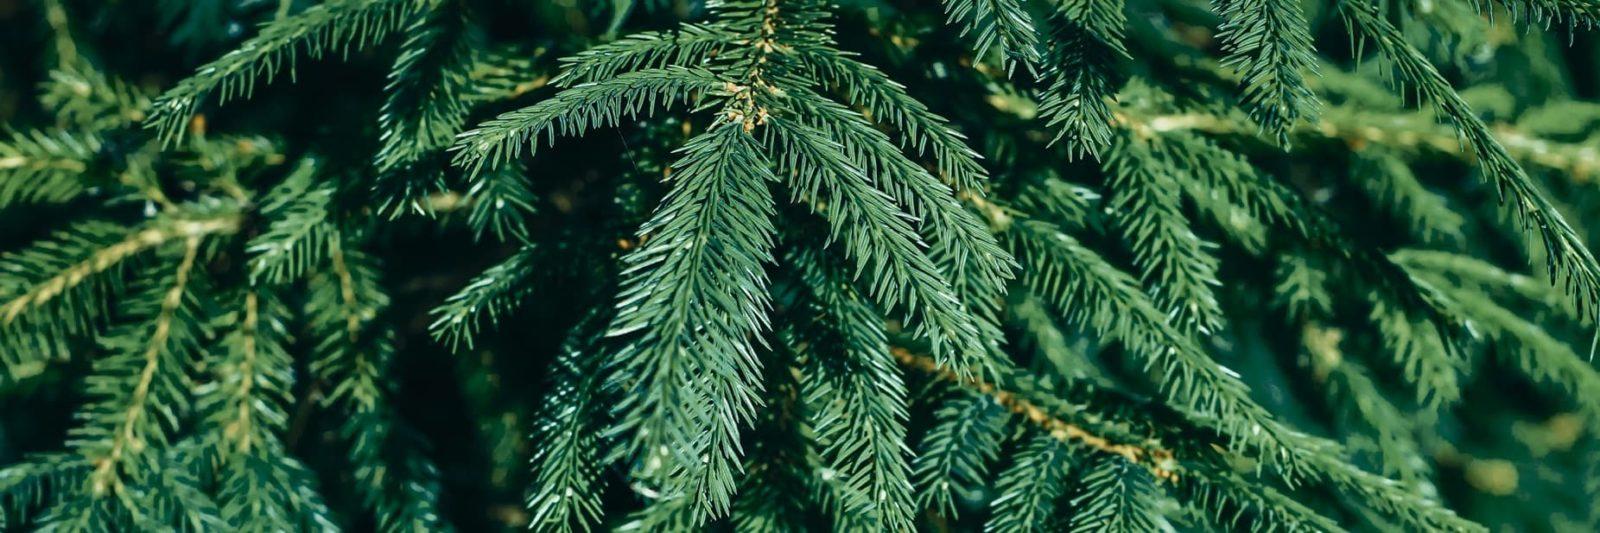 close up needles of a fir tree